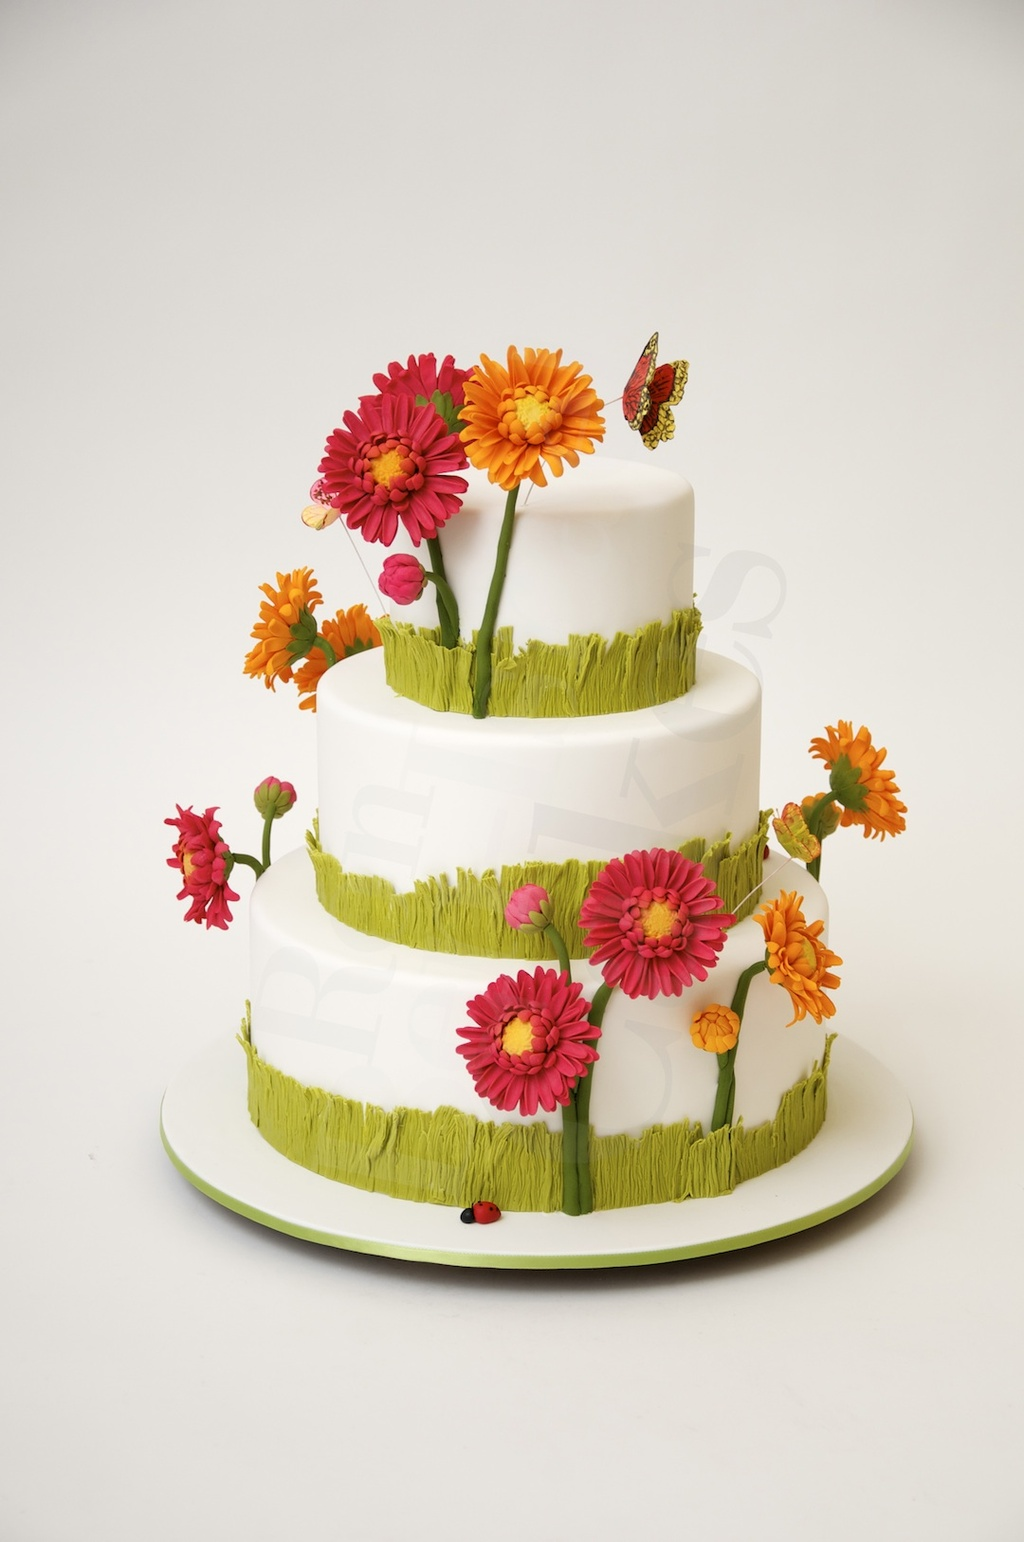 Wedding-cake-inspiration-ron-ben-isreal-wedding-cakes-red-orange-green-spring.original.full